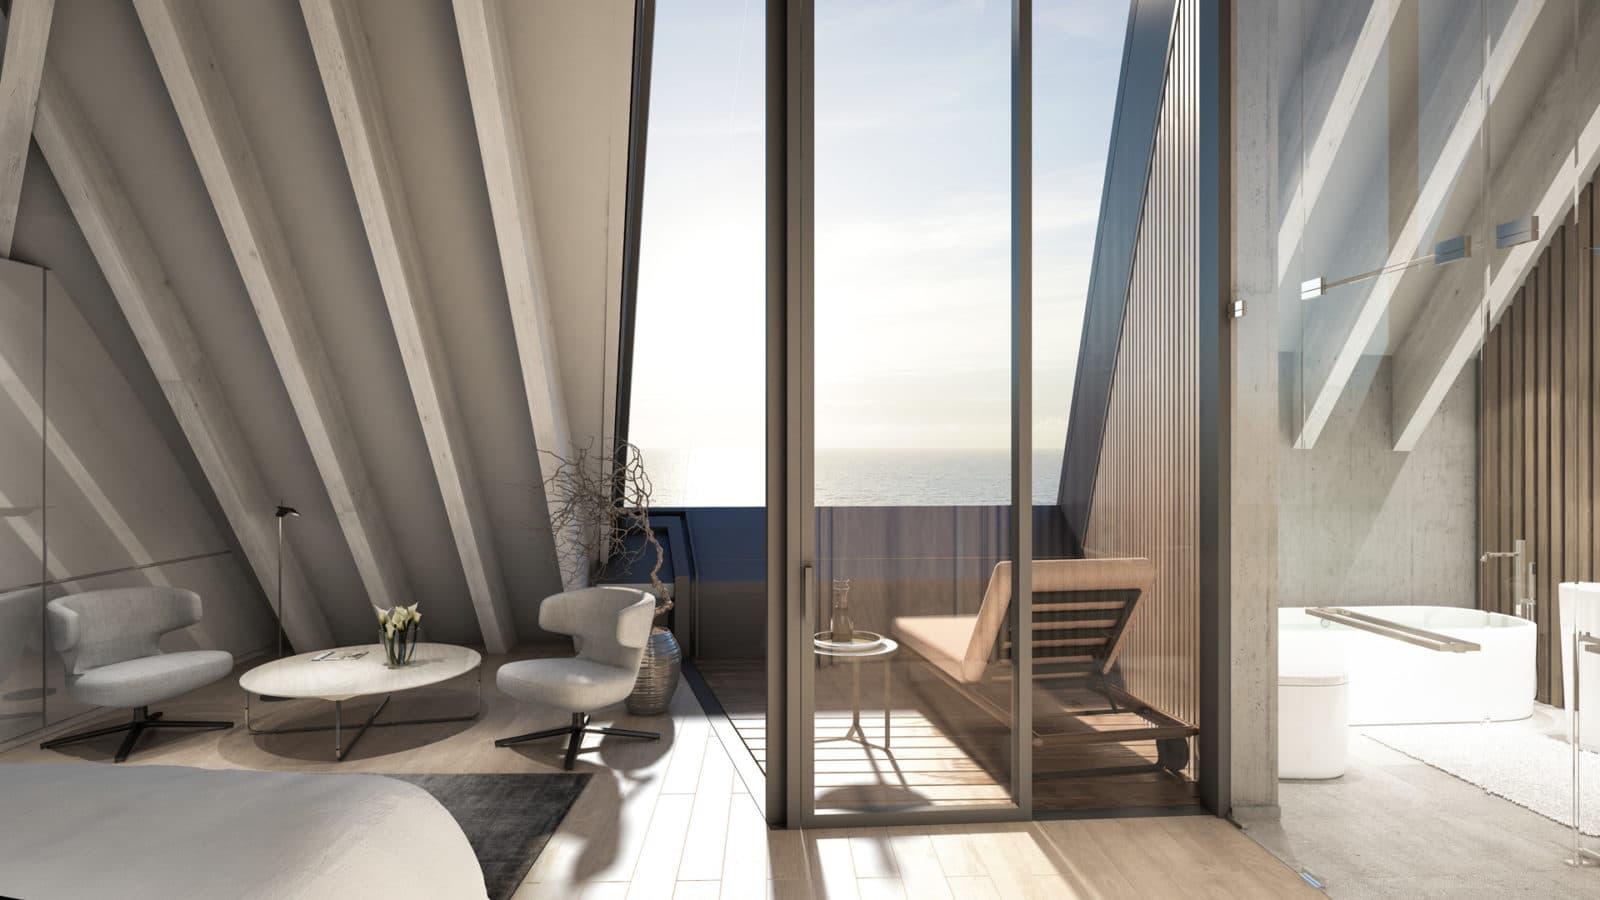 Bild eines Balkons mit Blick